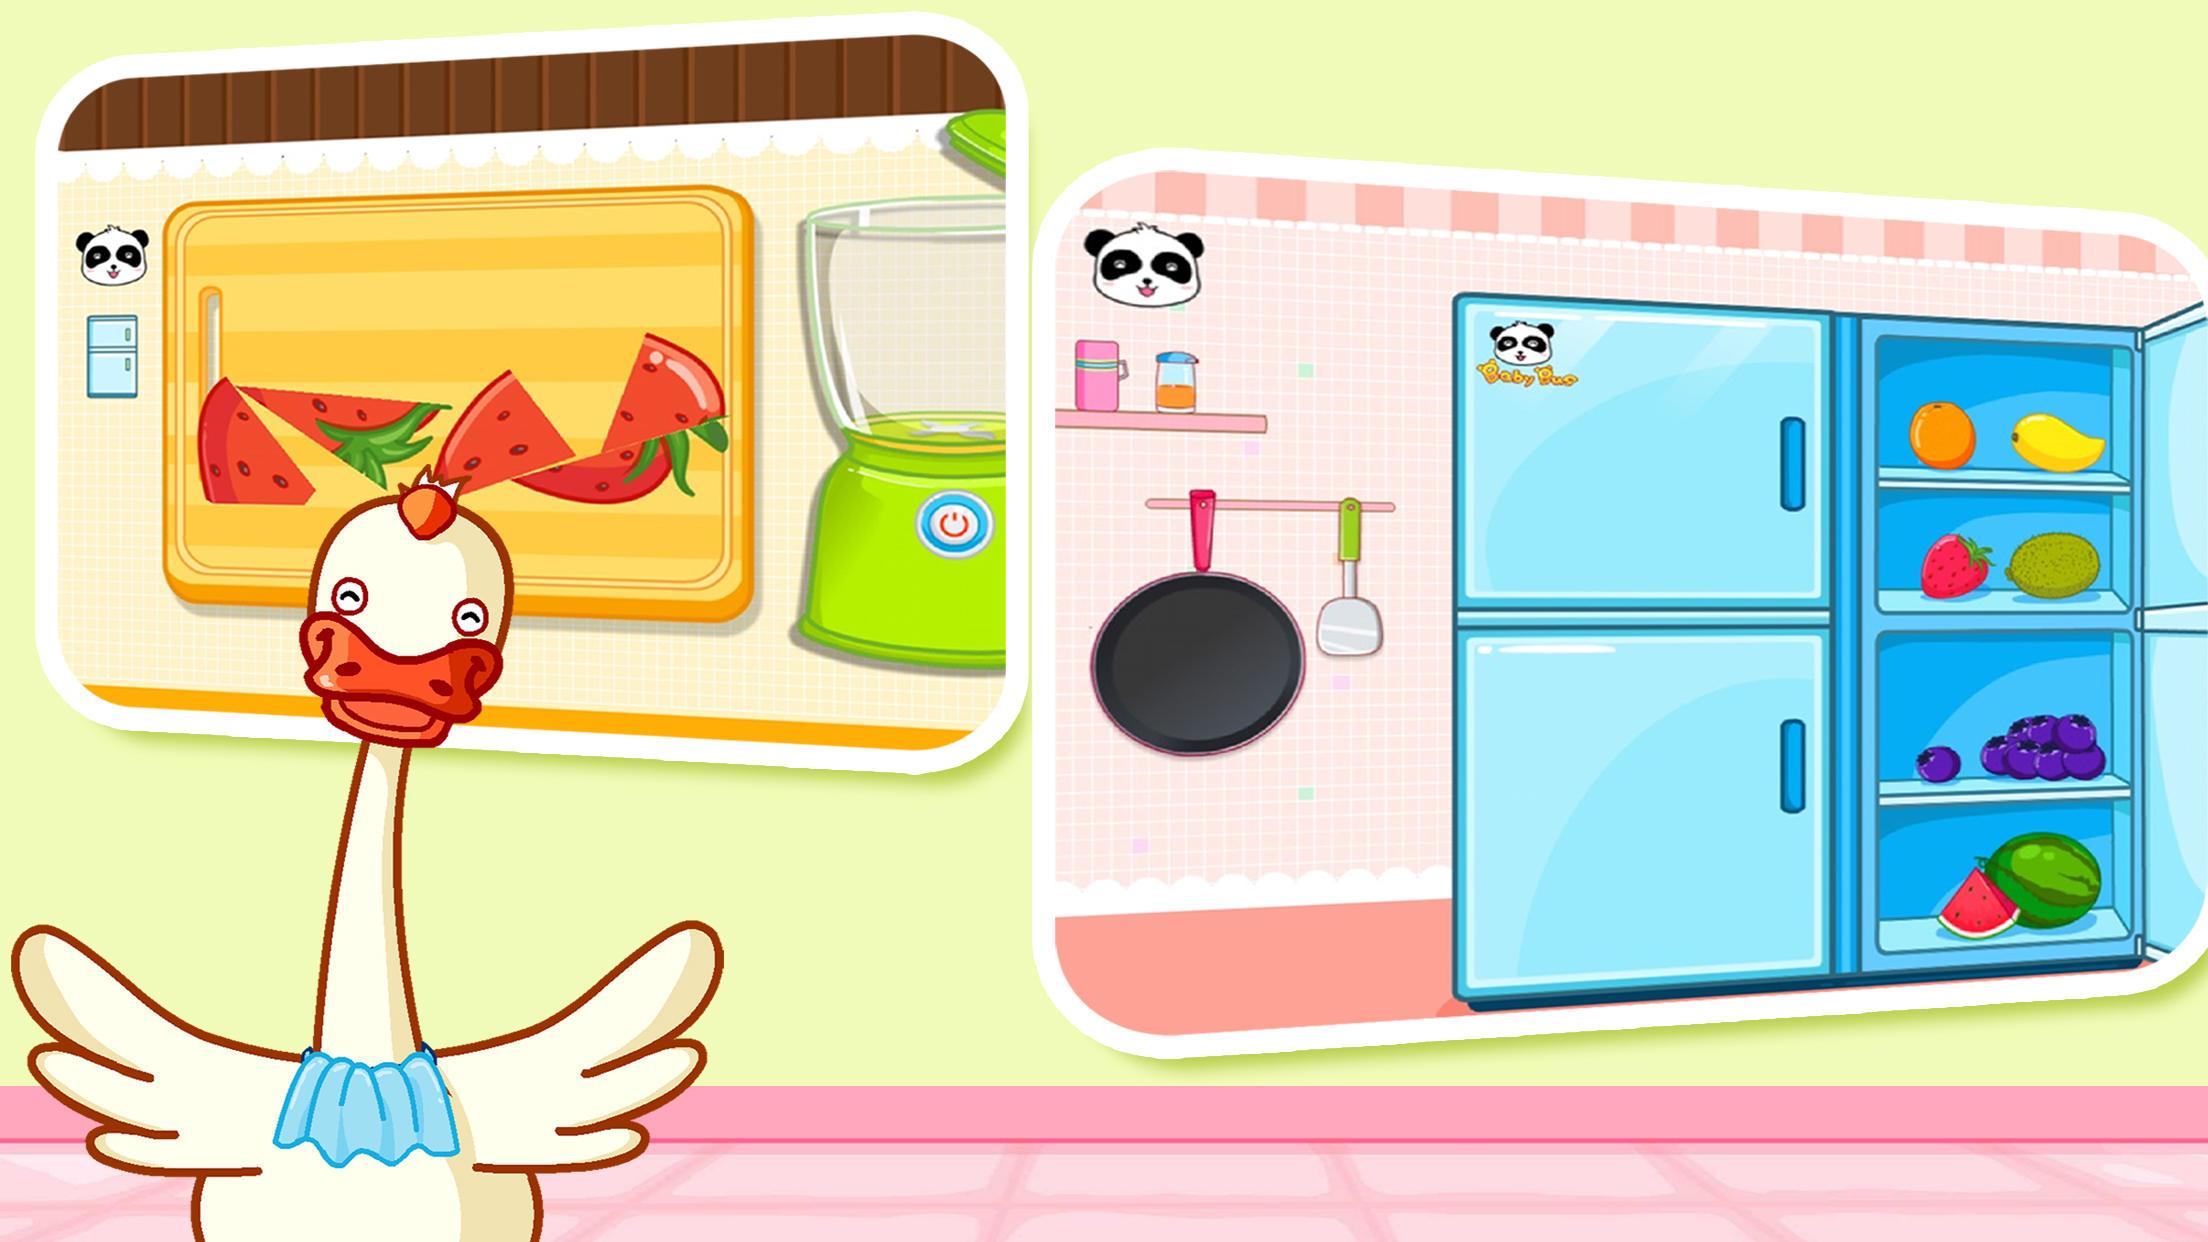 宝宝神奇厨房 V9.50.00.00 安卓版截图4